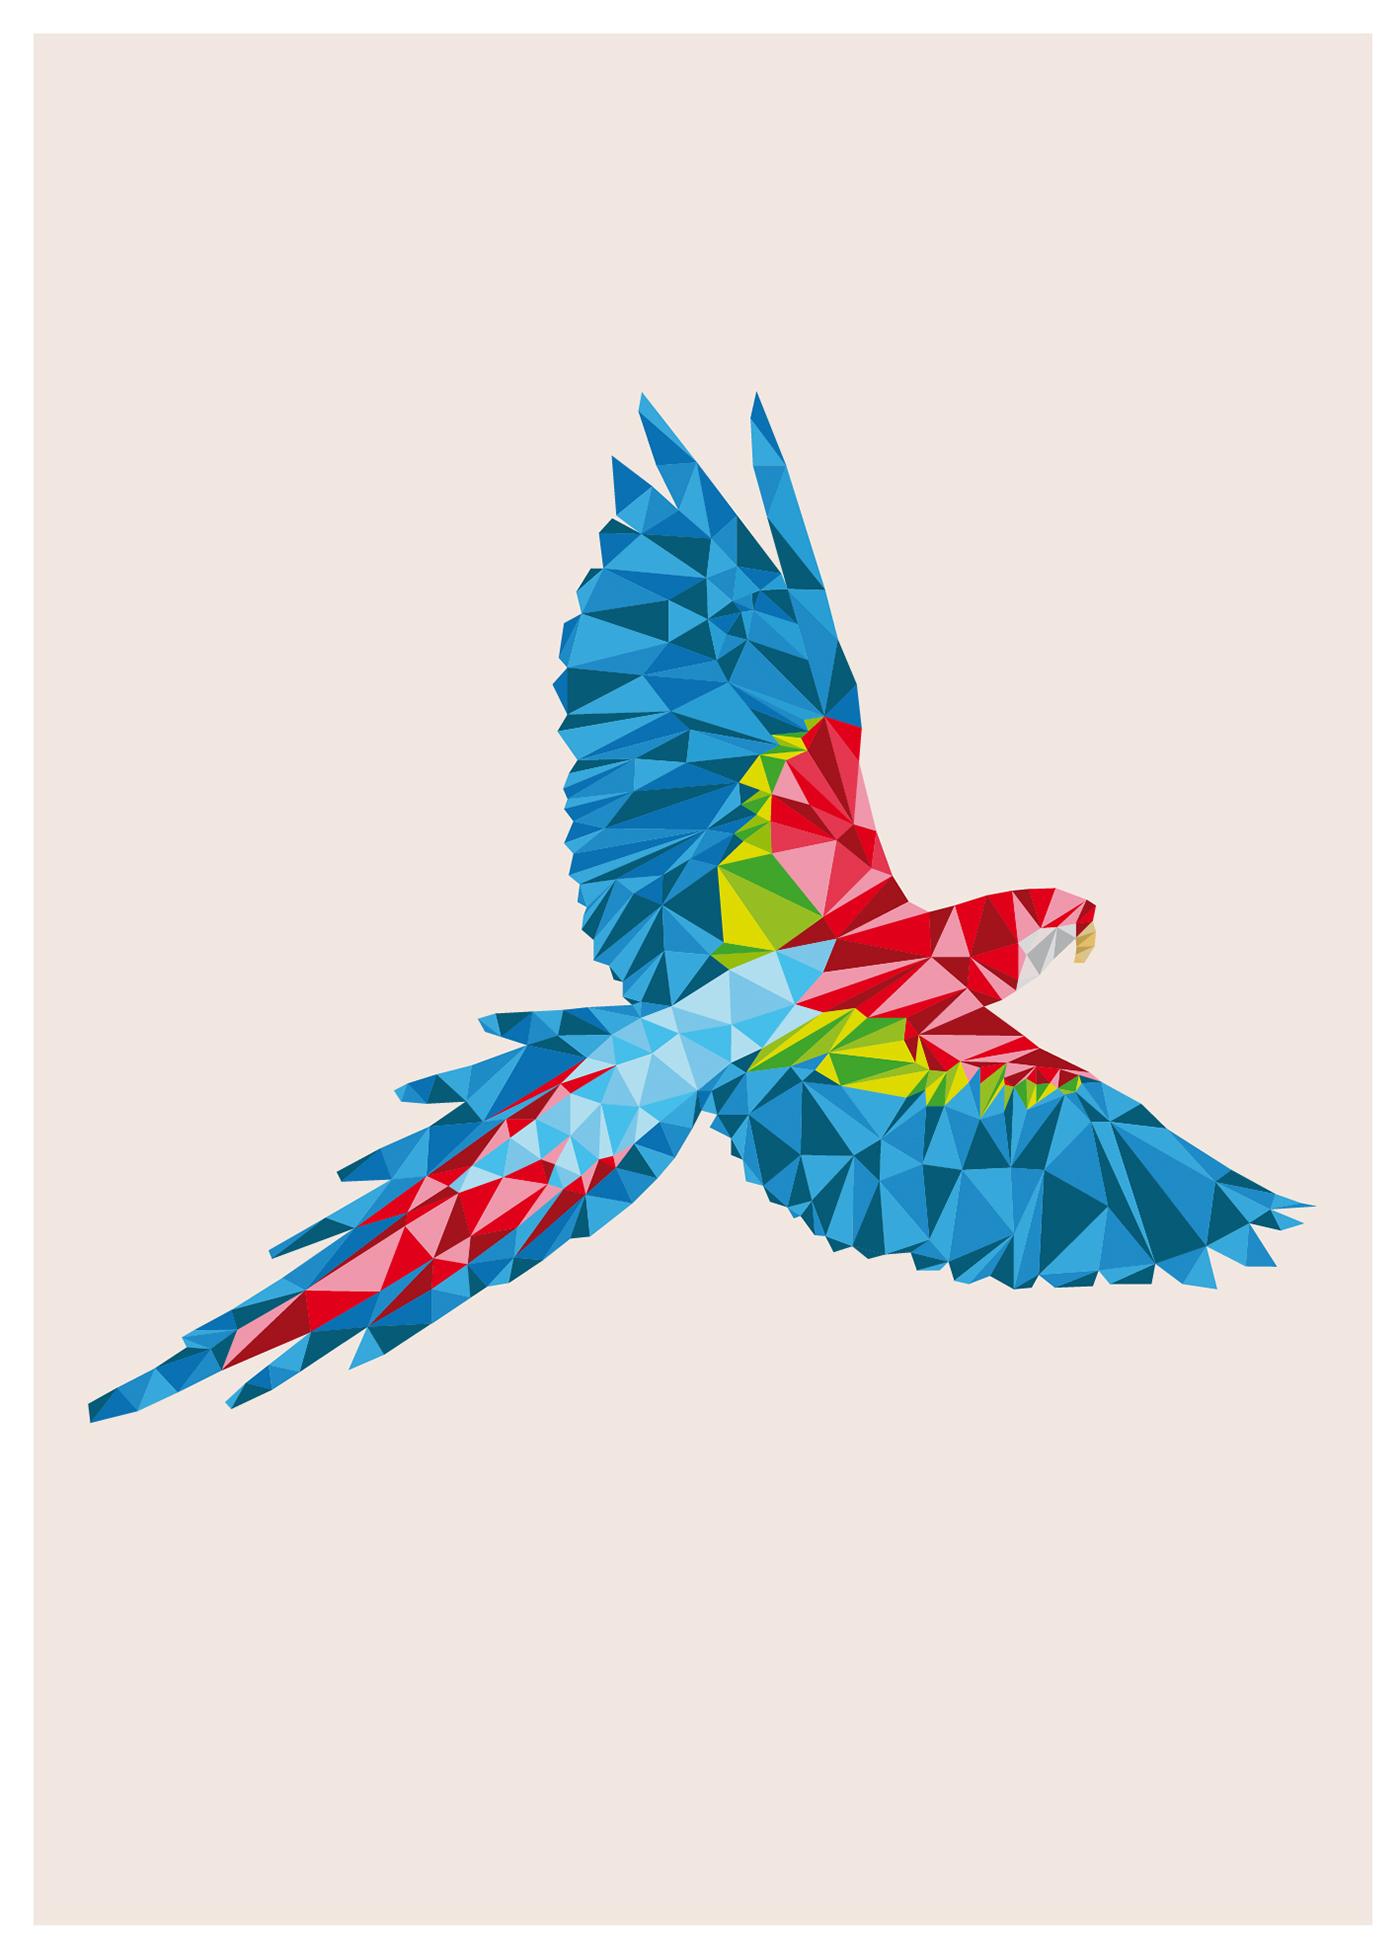 有創意感的15款幾何設計欣賞